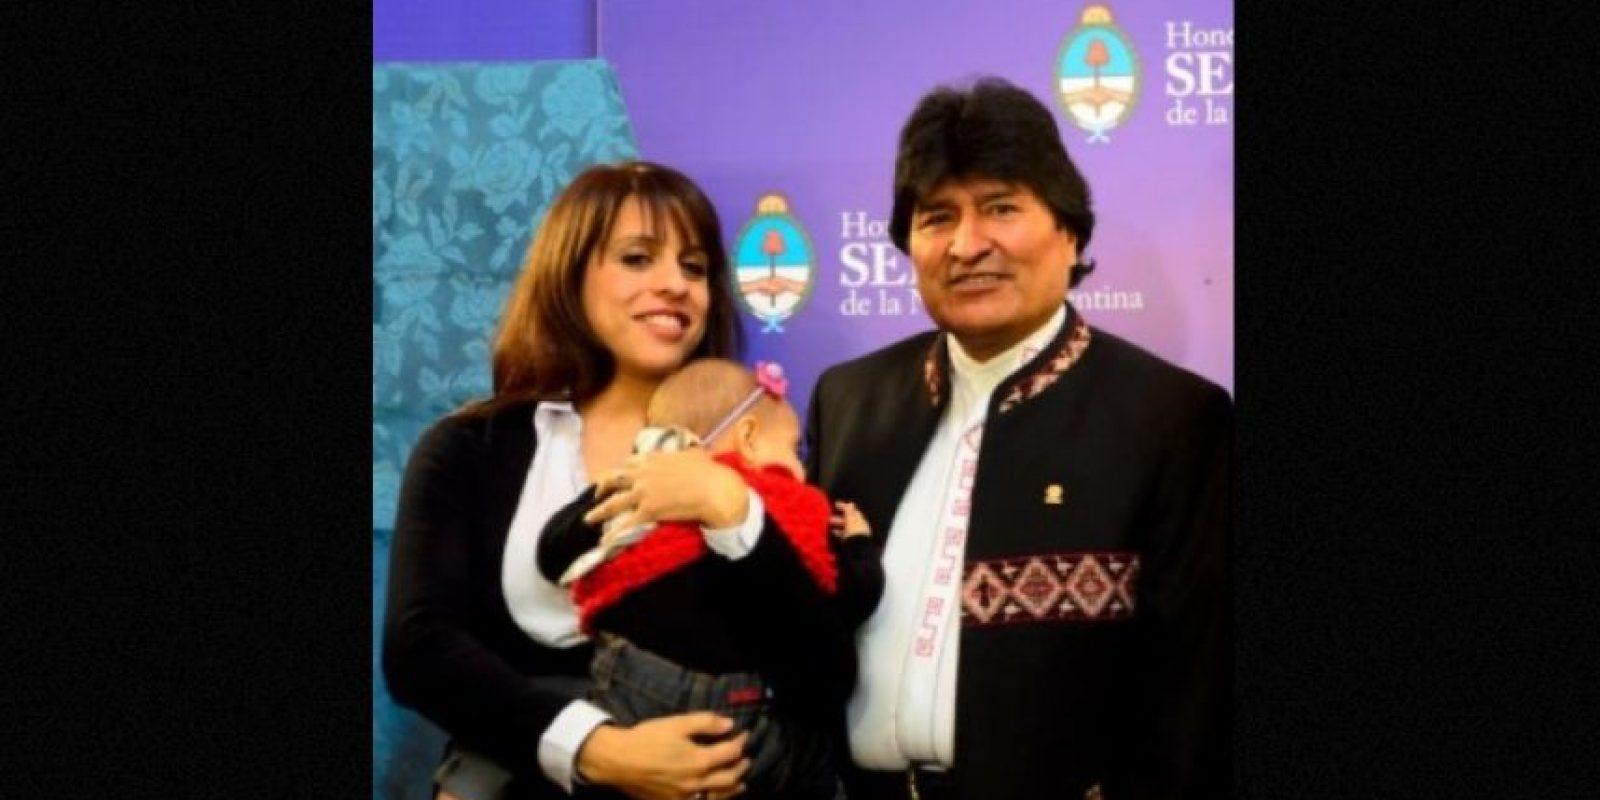 """Durante la visita de Estado del presidente de Bolivia a Argentina, Victoria escribió: """"Ella también escucha a Evo, pero se distrae un poco"""". Foto:Facebook.com/pages/Victoria-Donda-Pérez"""